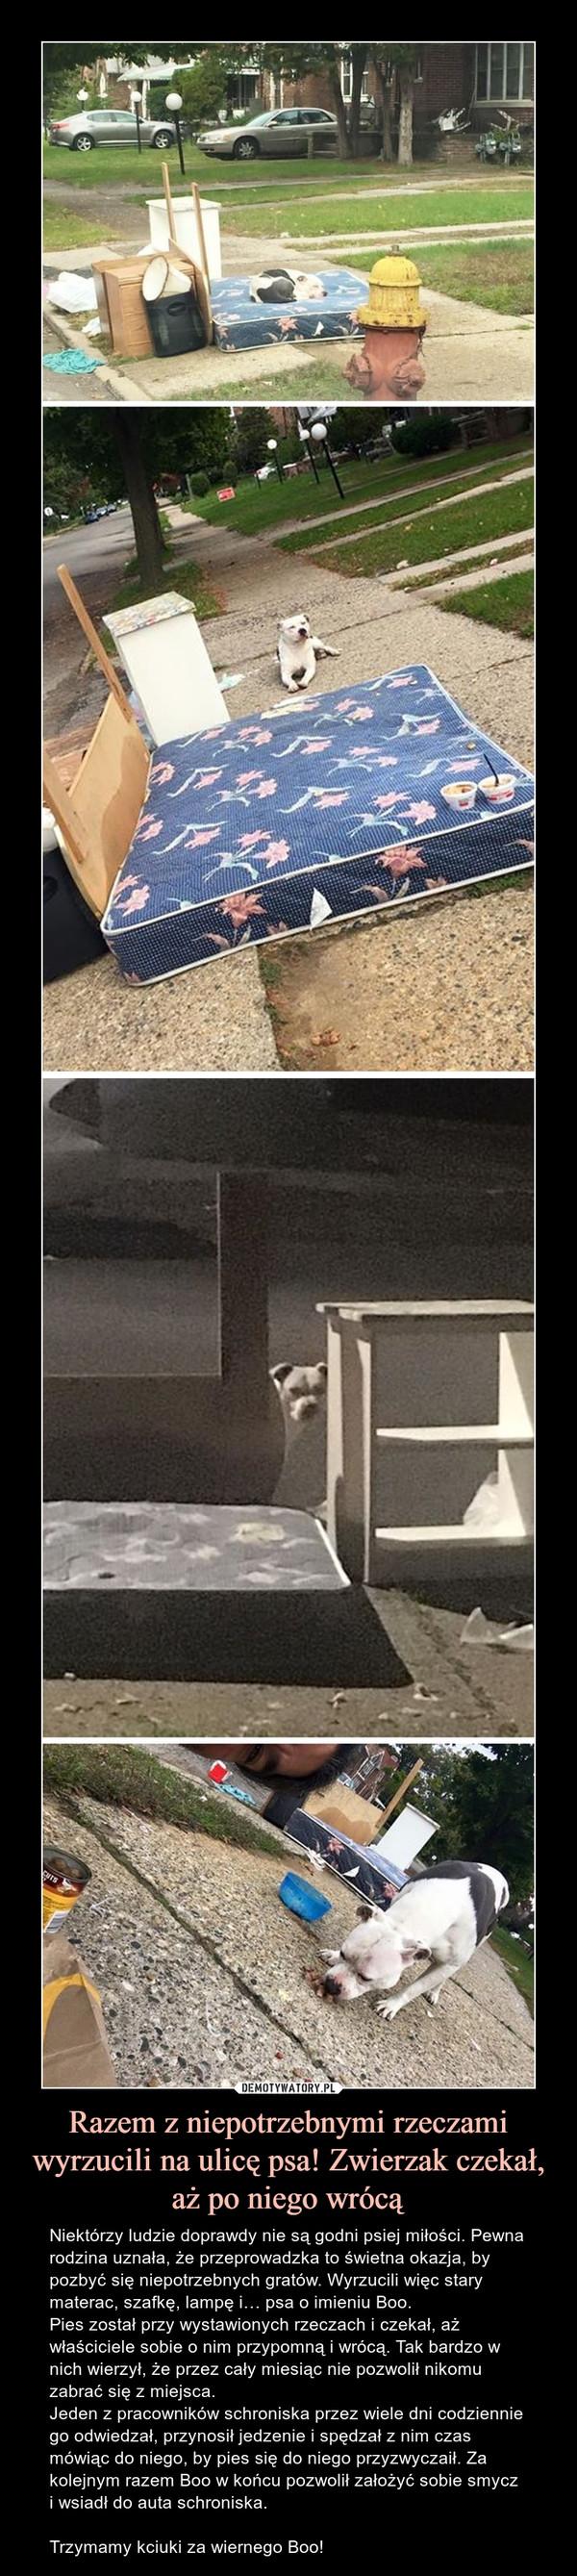 Razem z niepotrzebnymi rzeczami wyrzucili na ulicę psa! Zwierzak czekał, aż po niego wrócą – Niektórzy ludzie doprawdy nie są godni psiej miłości. Pewna rodzina uznała, że przeprowadzka to świetna okazja, by pozbyć się niepotrzebnych gratów. Wyrzucili więc stary materac, szafkę, lampę i… psa o imieniu Boo.Pies został przy wystawionych rzeczach i czekał, aż właściciele sobie o nim przypomną i wrócą. Tak bardzo w nich wierzył, że przez cały miesiąc nie pozwolił nikomu zabrać się z miejsca.Jeden z pracowników schroniska przez wiele dni codziennie go odwiedzał, przynosił jedzenie i spędzał z nim czas mówiąc do niego, by pies się do niego przyzwyczaił. Za kolejnym razem Boo w końcu pozwolił założyć sobie smycz i wsiadł do auta schroniska.Trzymamy kciuki za wiernego Boo!